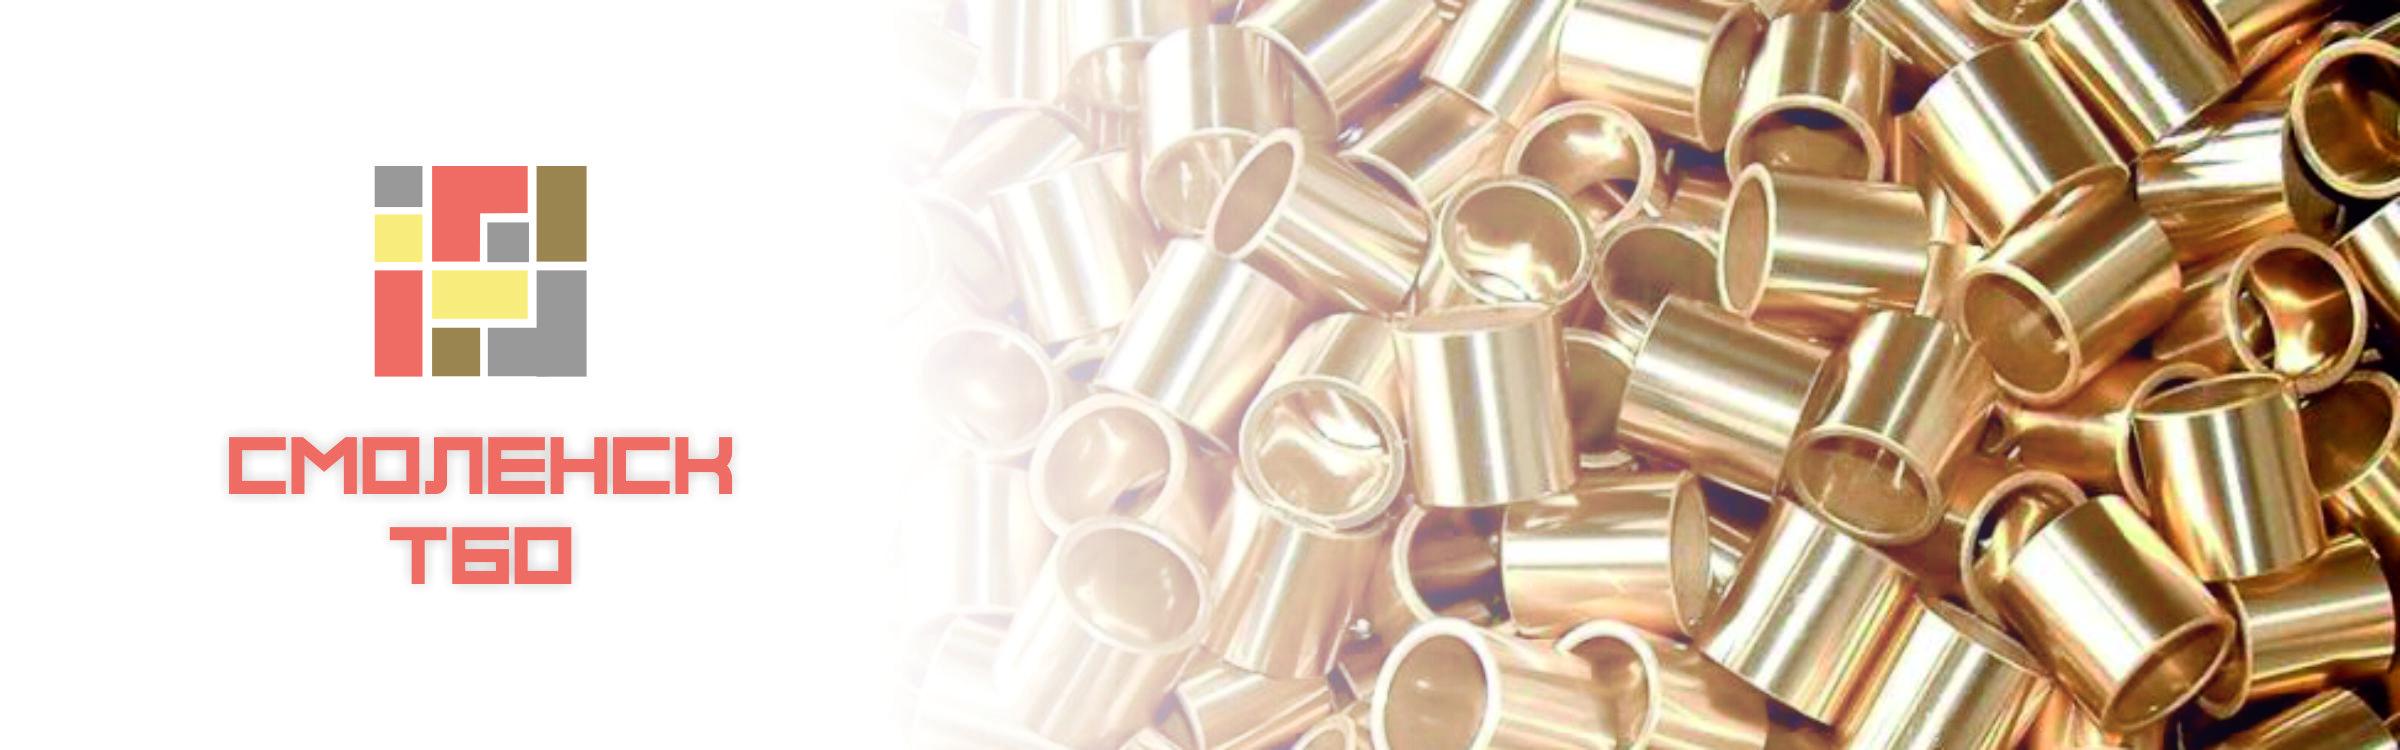 Пункт приёма металла 'Смоленск ТБО - Пункт приёма металла' в Смоленске. Главная страница